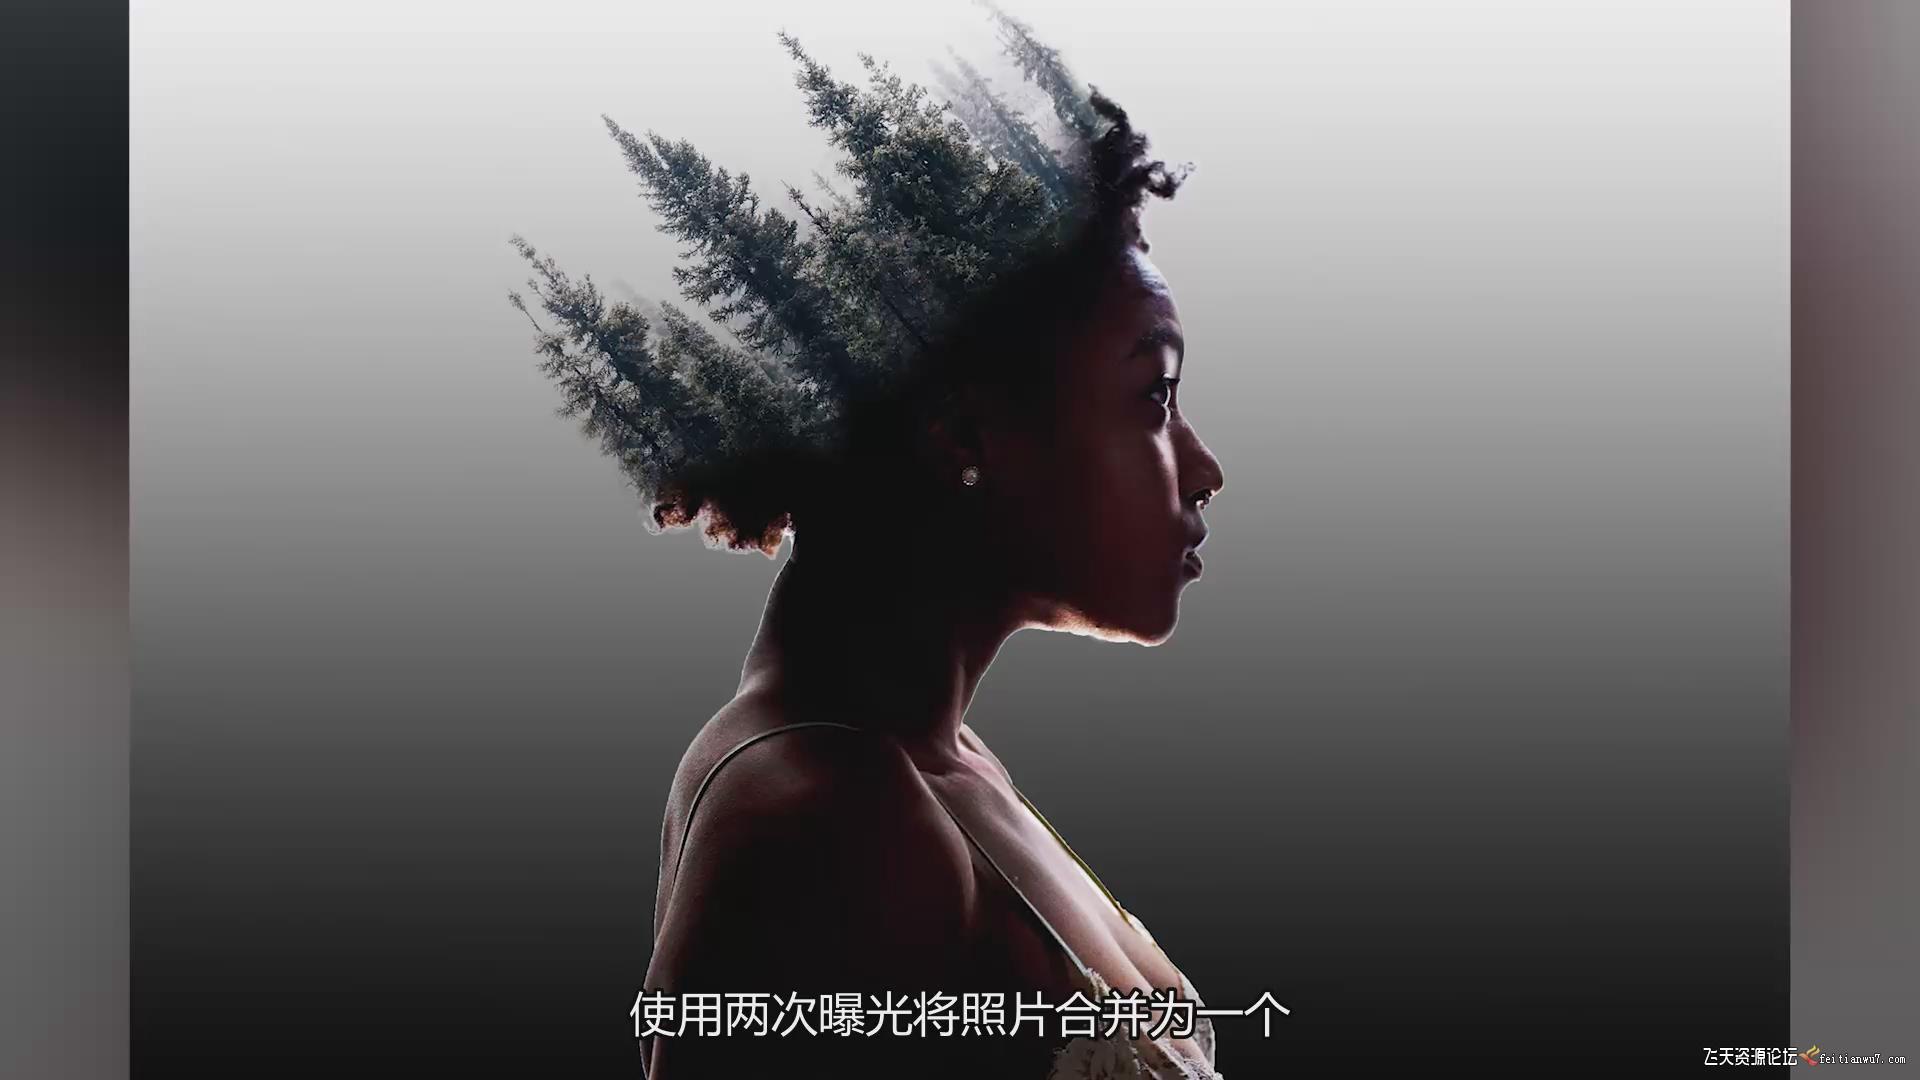 摄影教程_JOSHUA DUNLOP-30天创意摄影产品项目视频课程-中文字幕 摄影教程 _预览图15